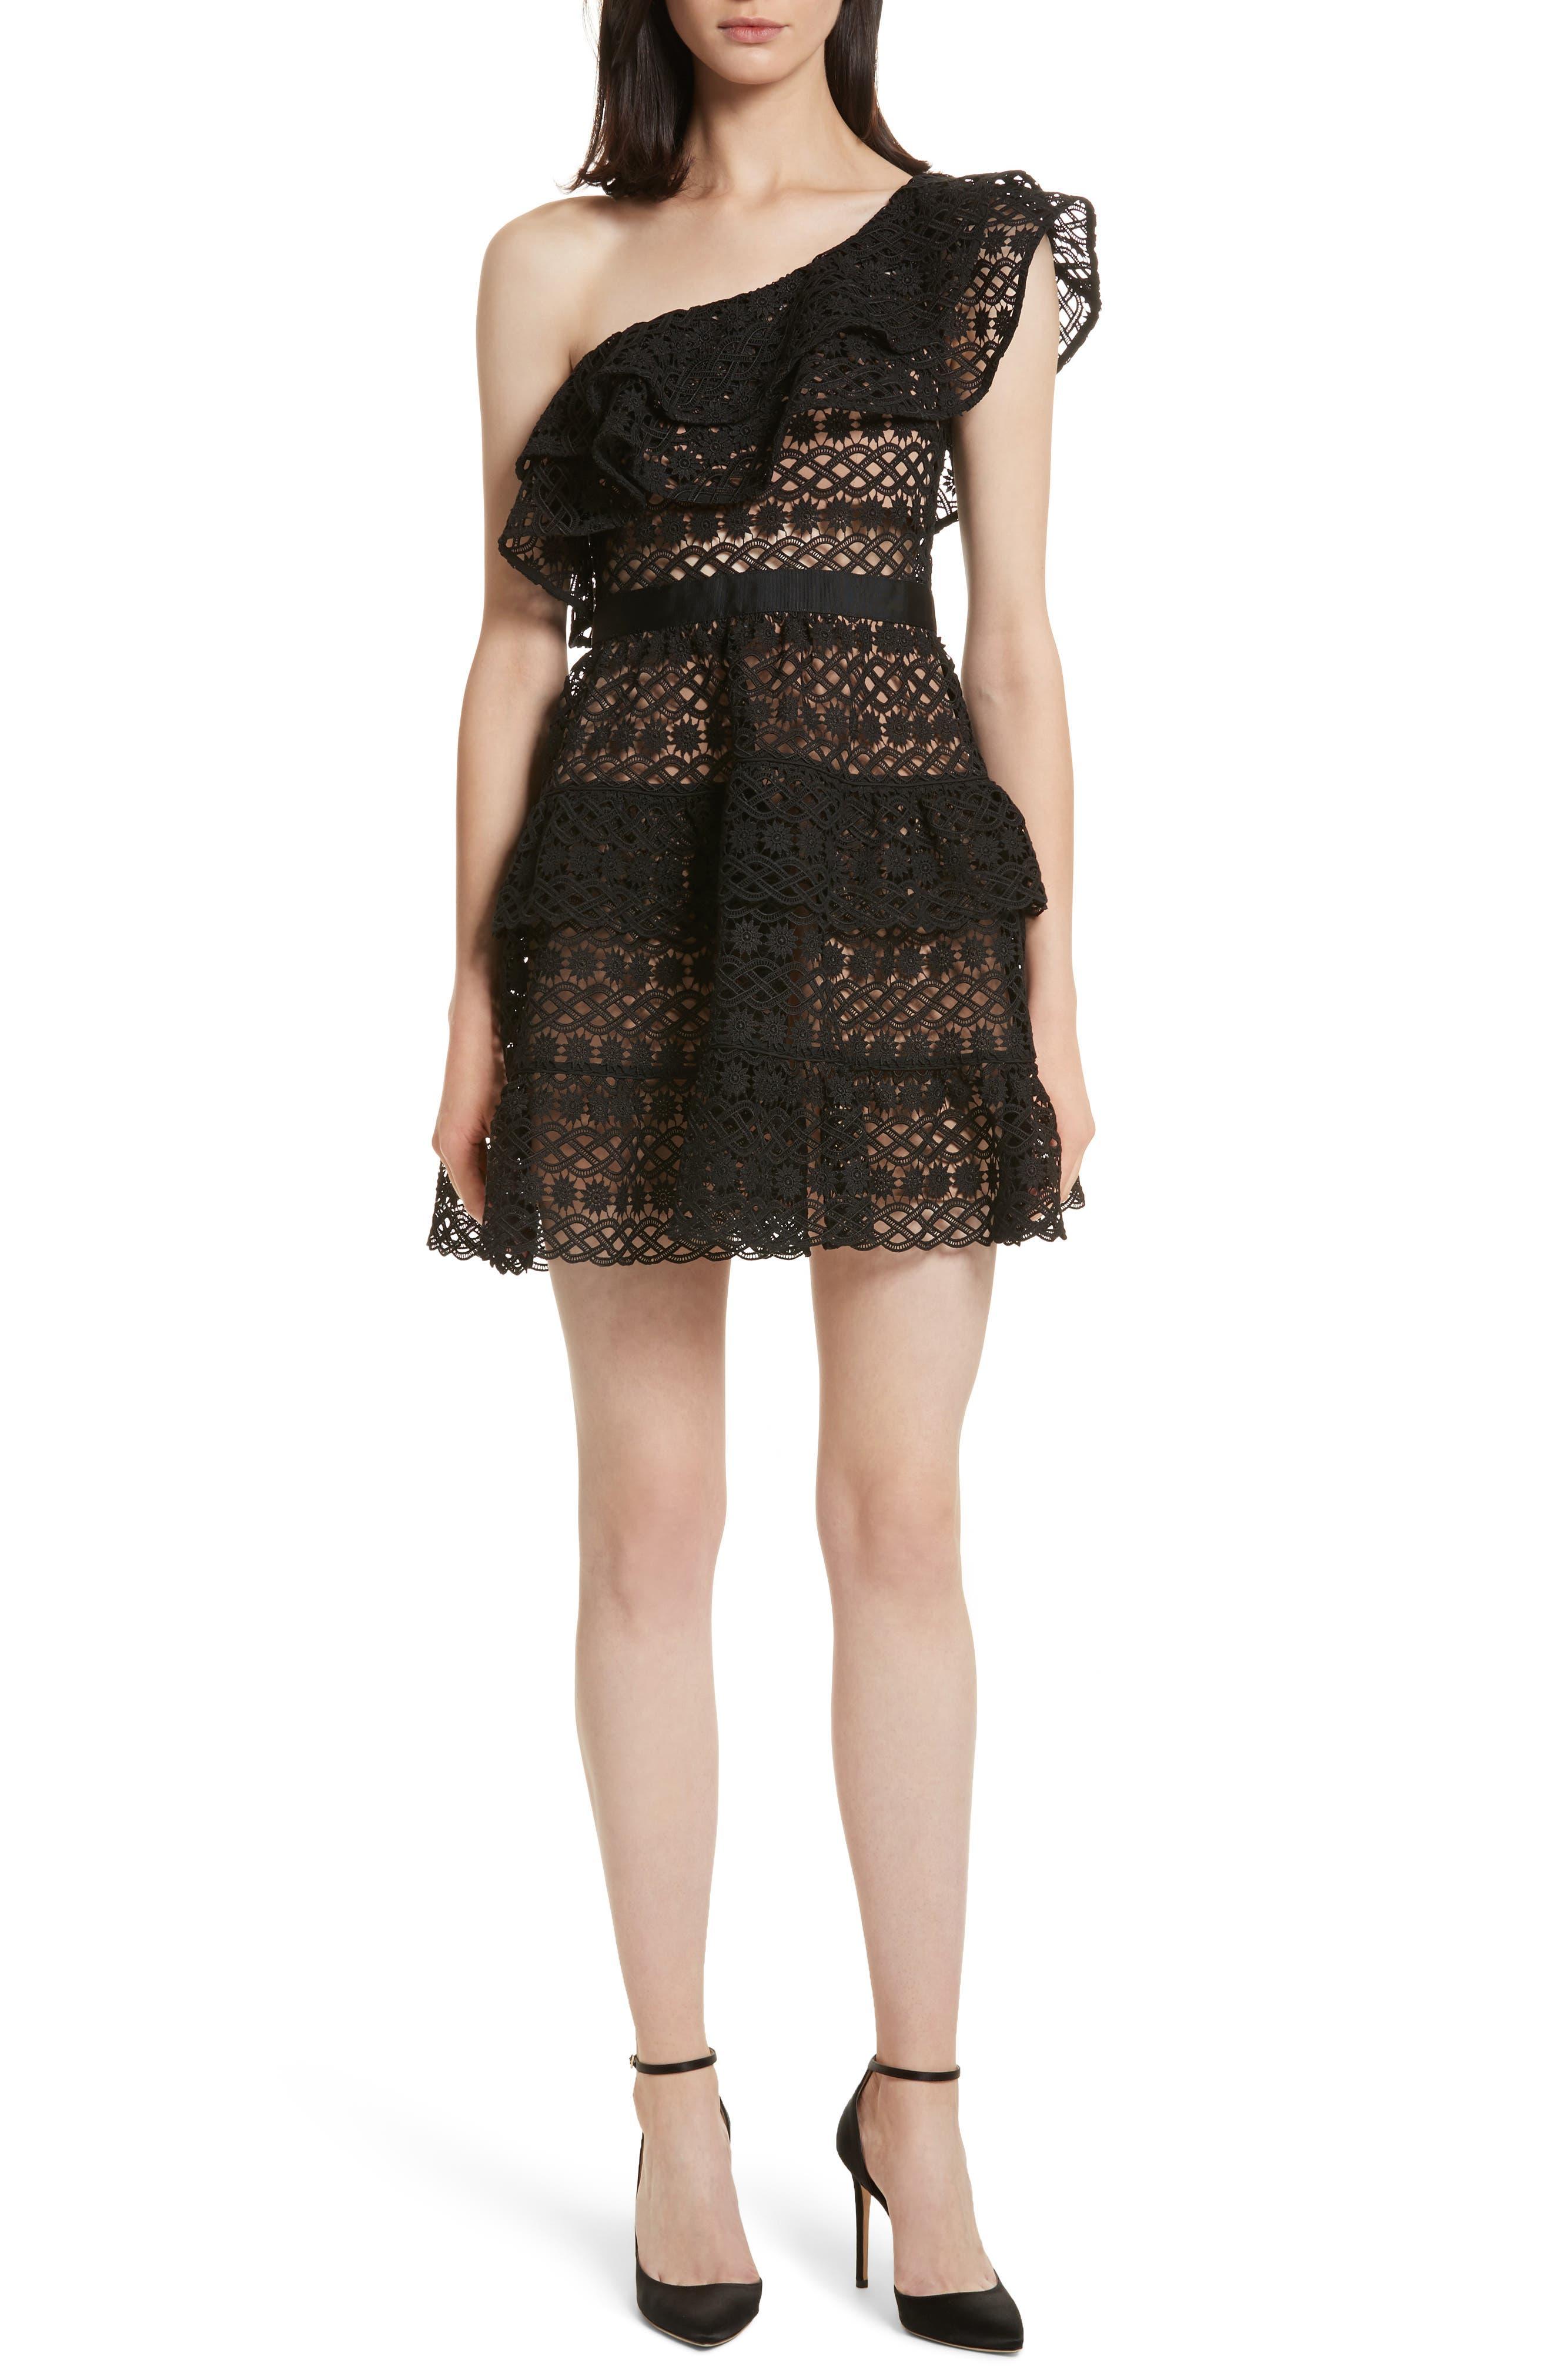 Self-Portrait Floral Chain Lace One-Shoulder Dress